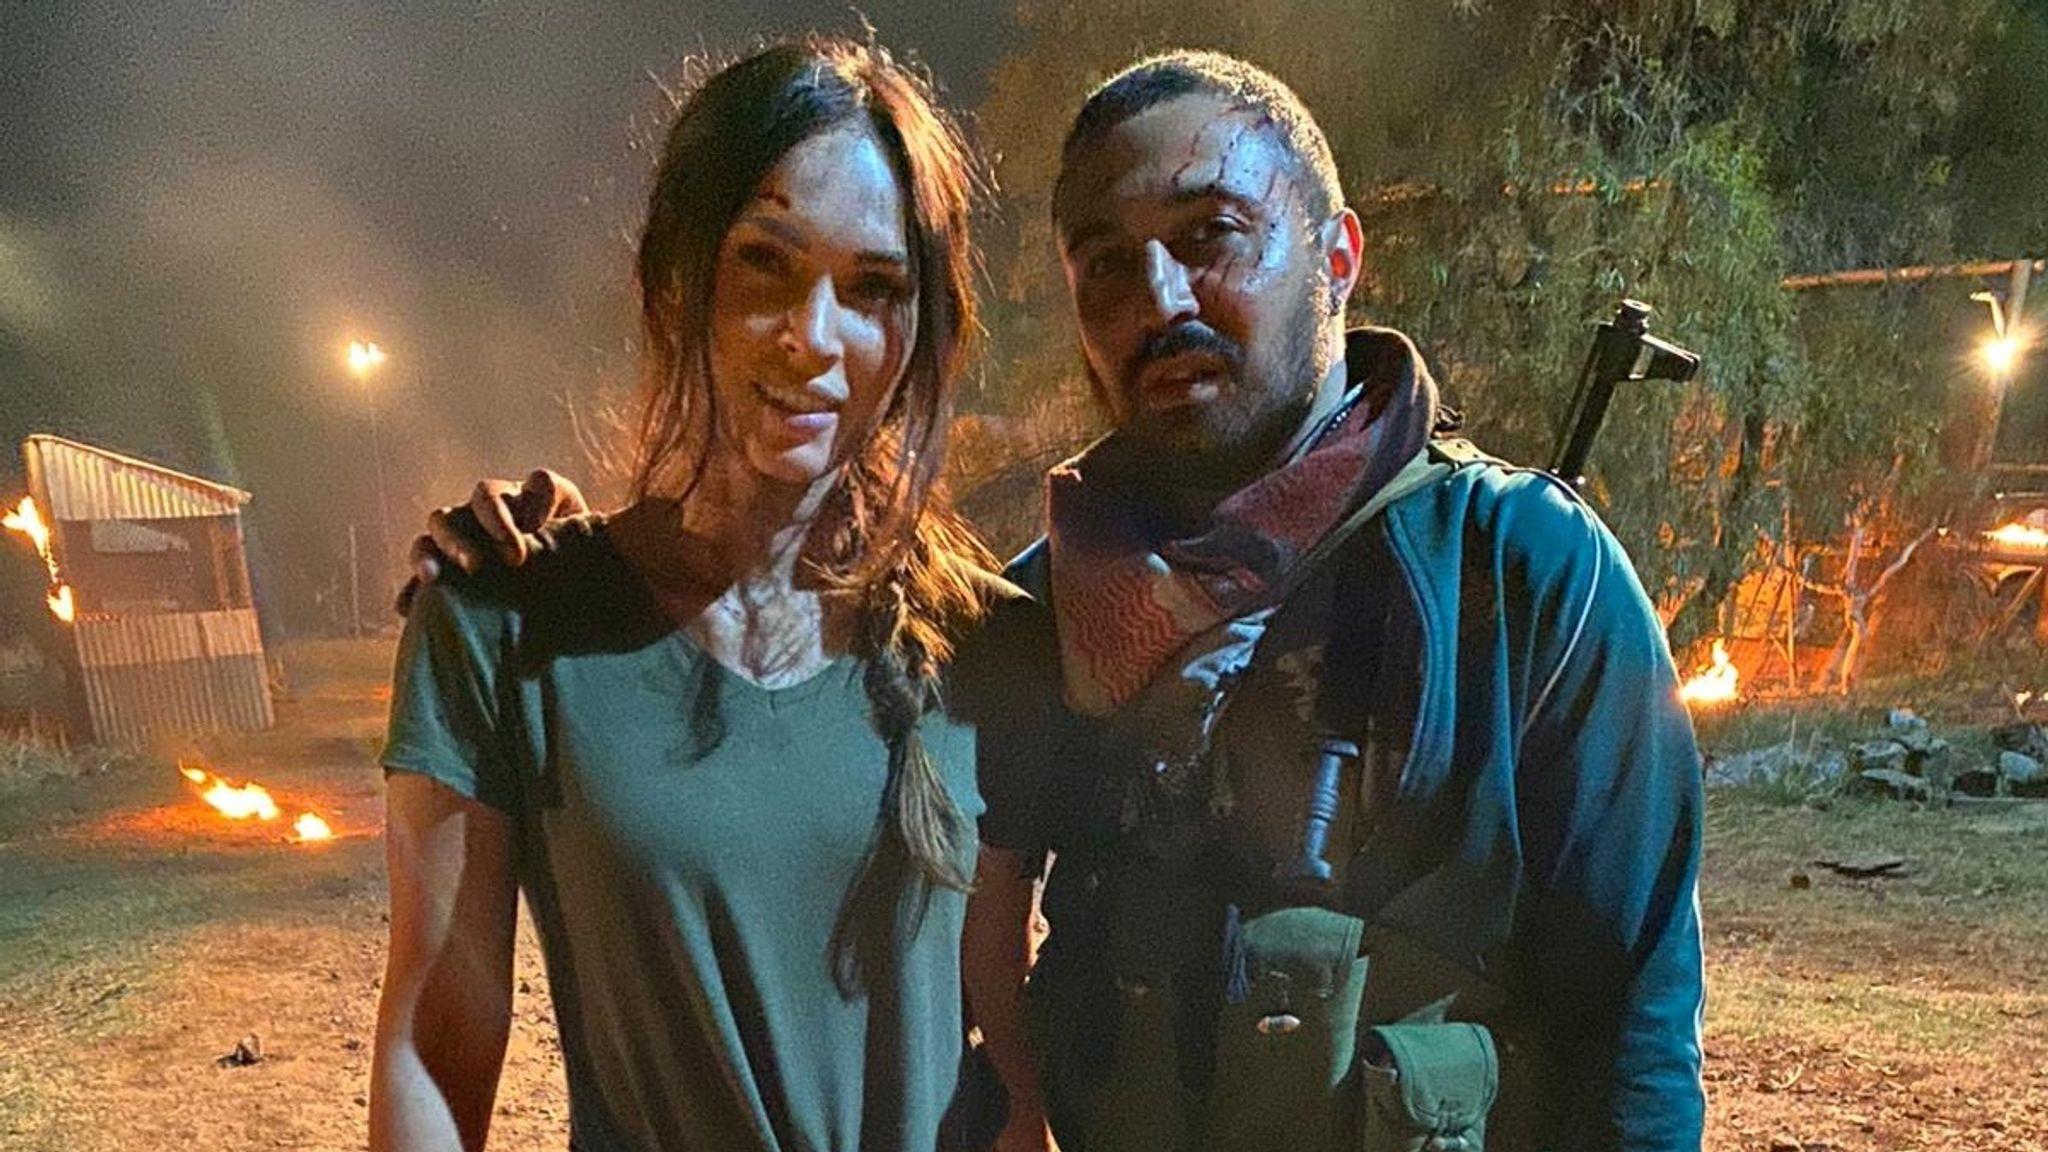 Actor Adam Deacon stars in Rogue with Megan Fox